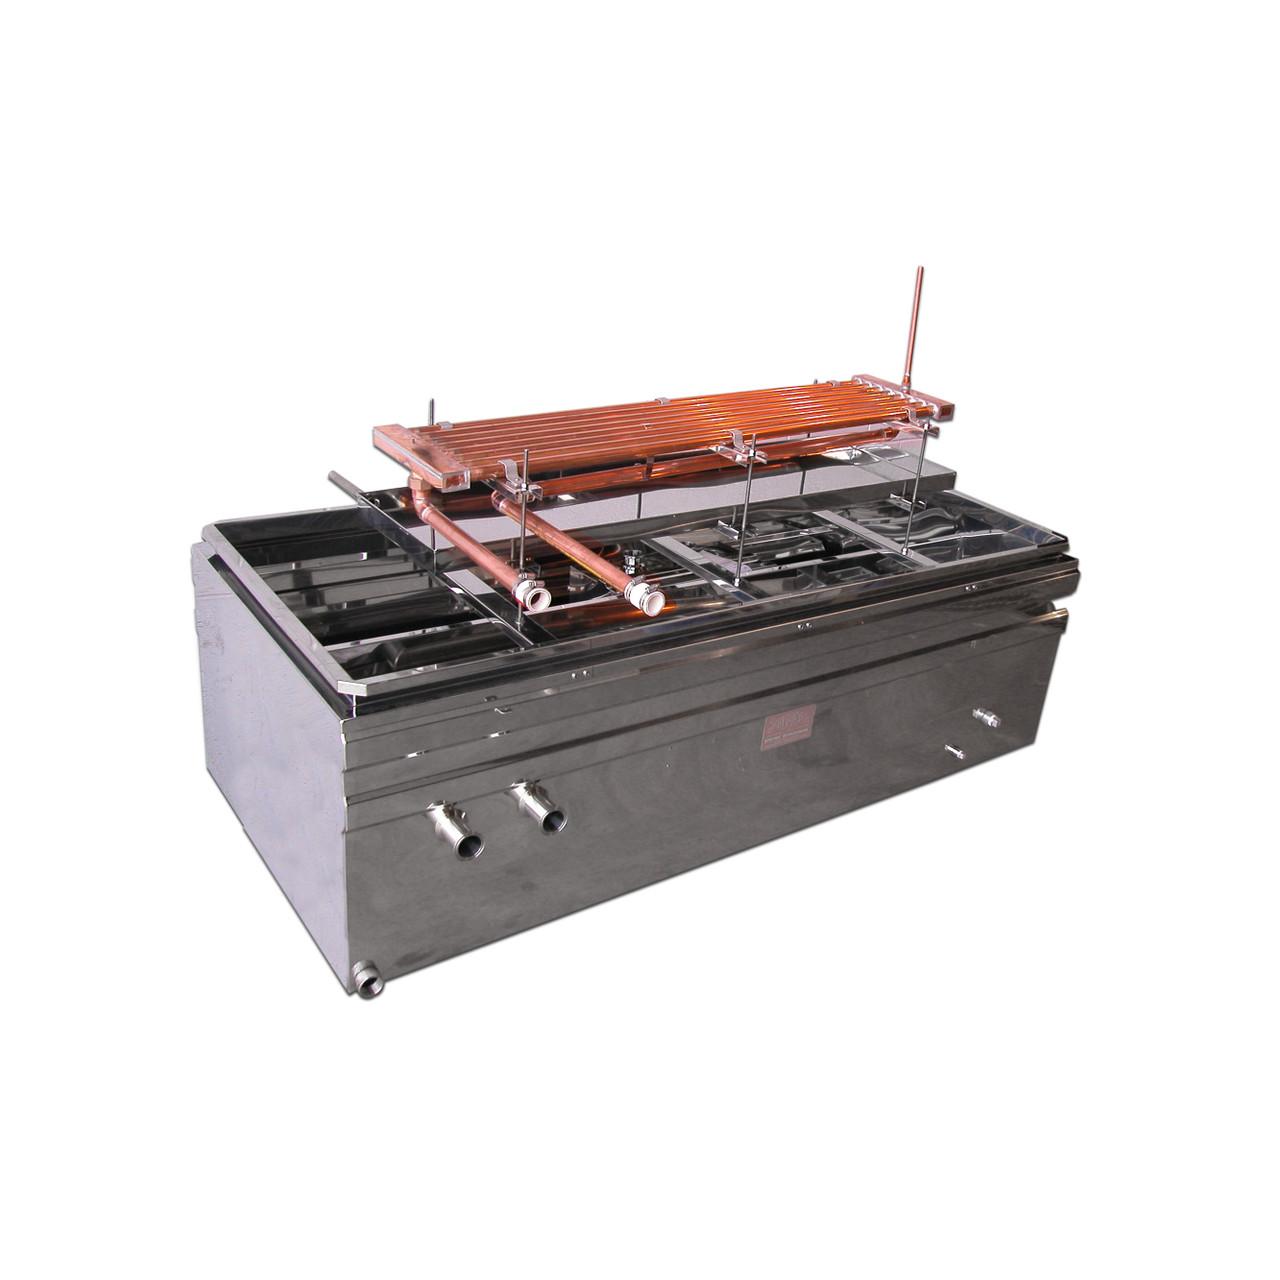 Parallel Flow Sap Pre-Heater